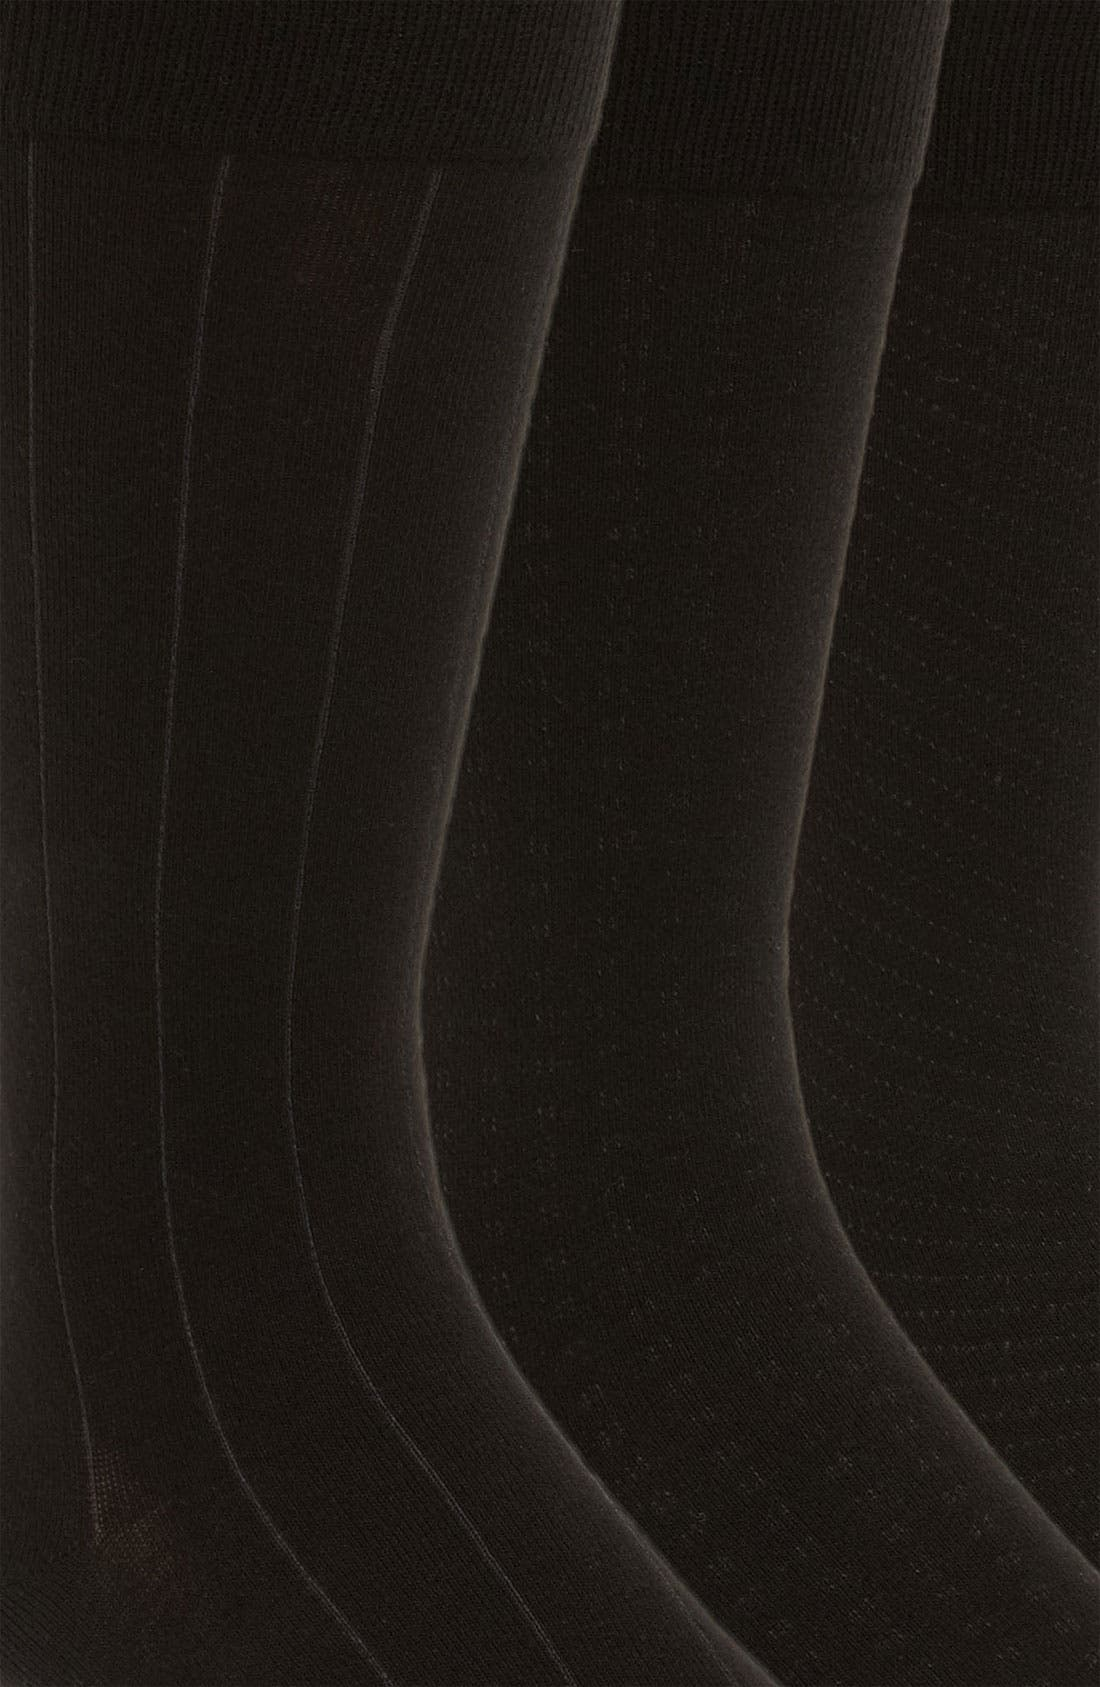 POLO RALPH LAUREN, Dress Socks, Alternate thumbnail 2, color, BLACK